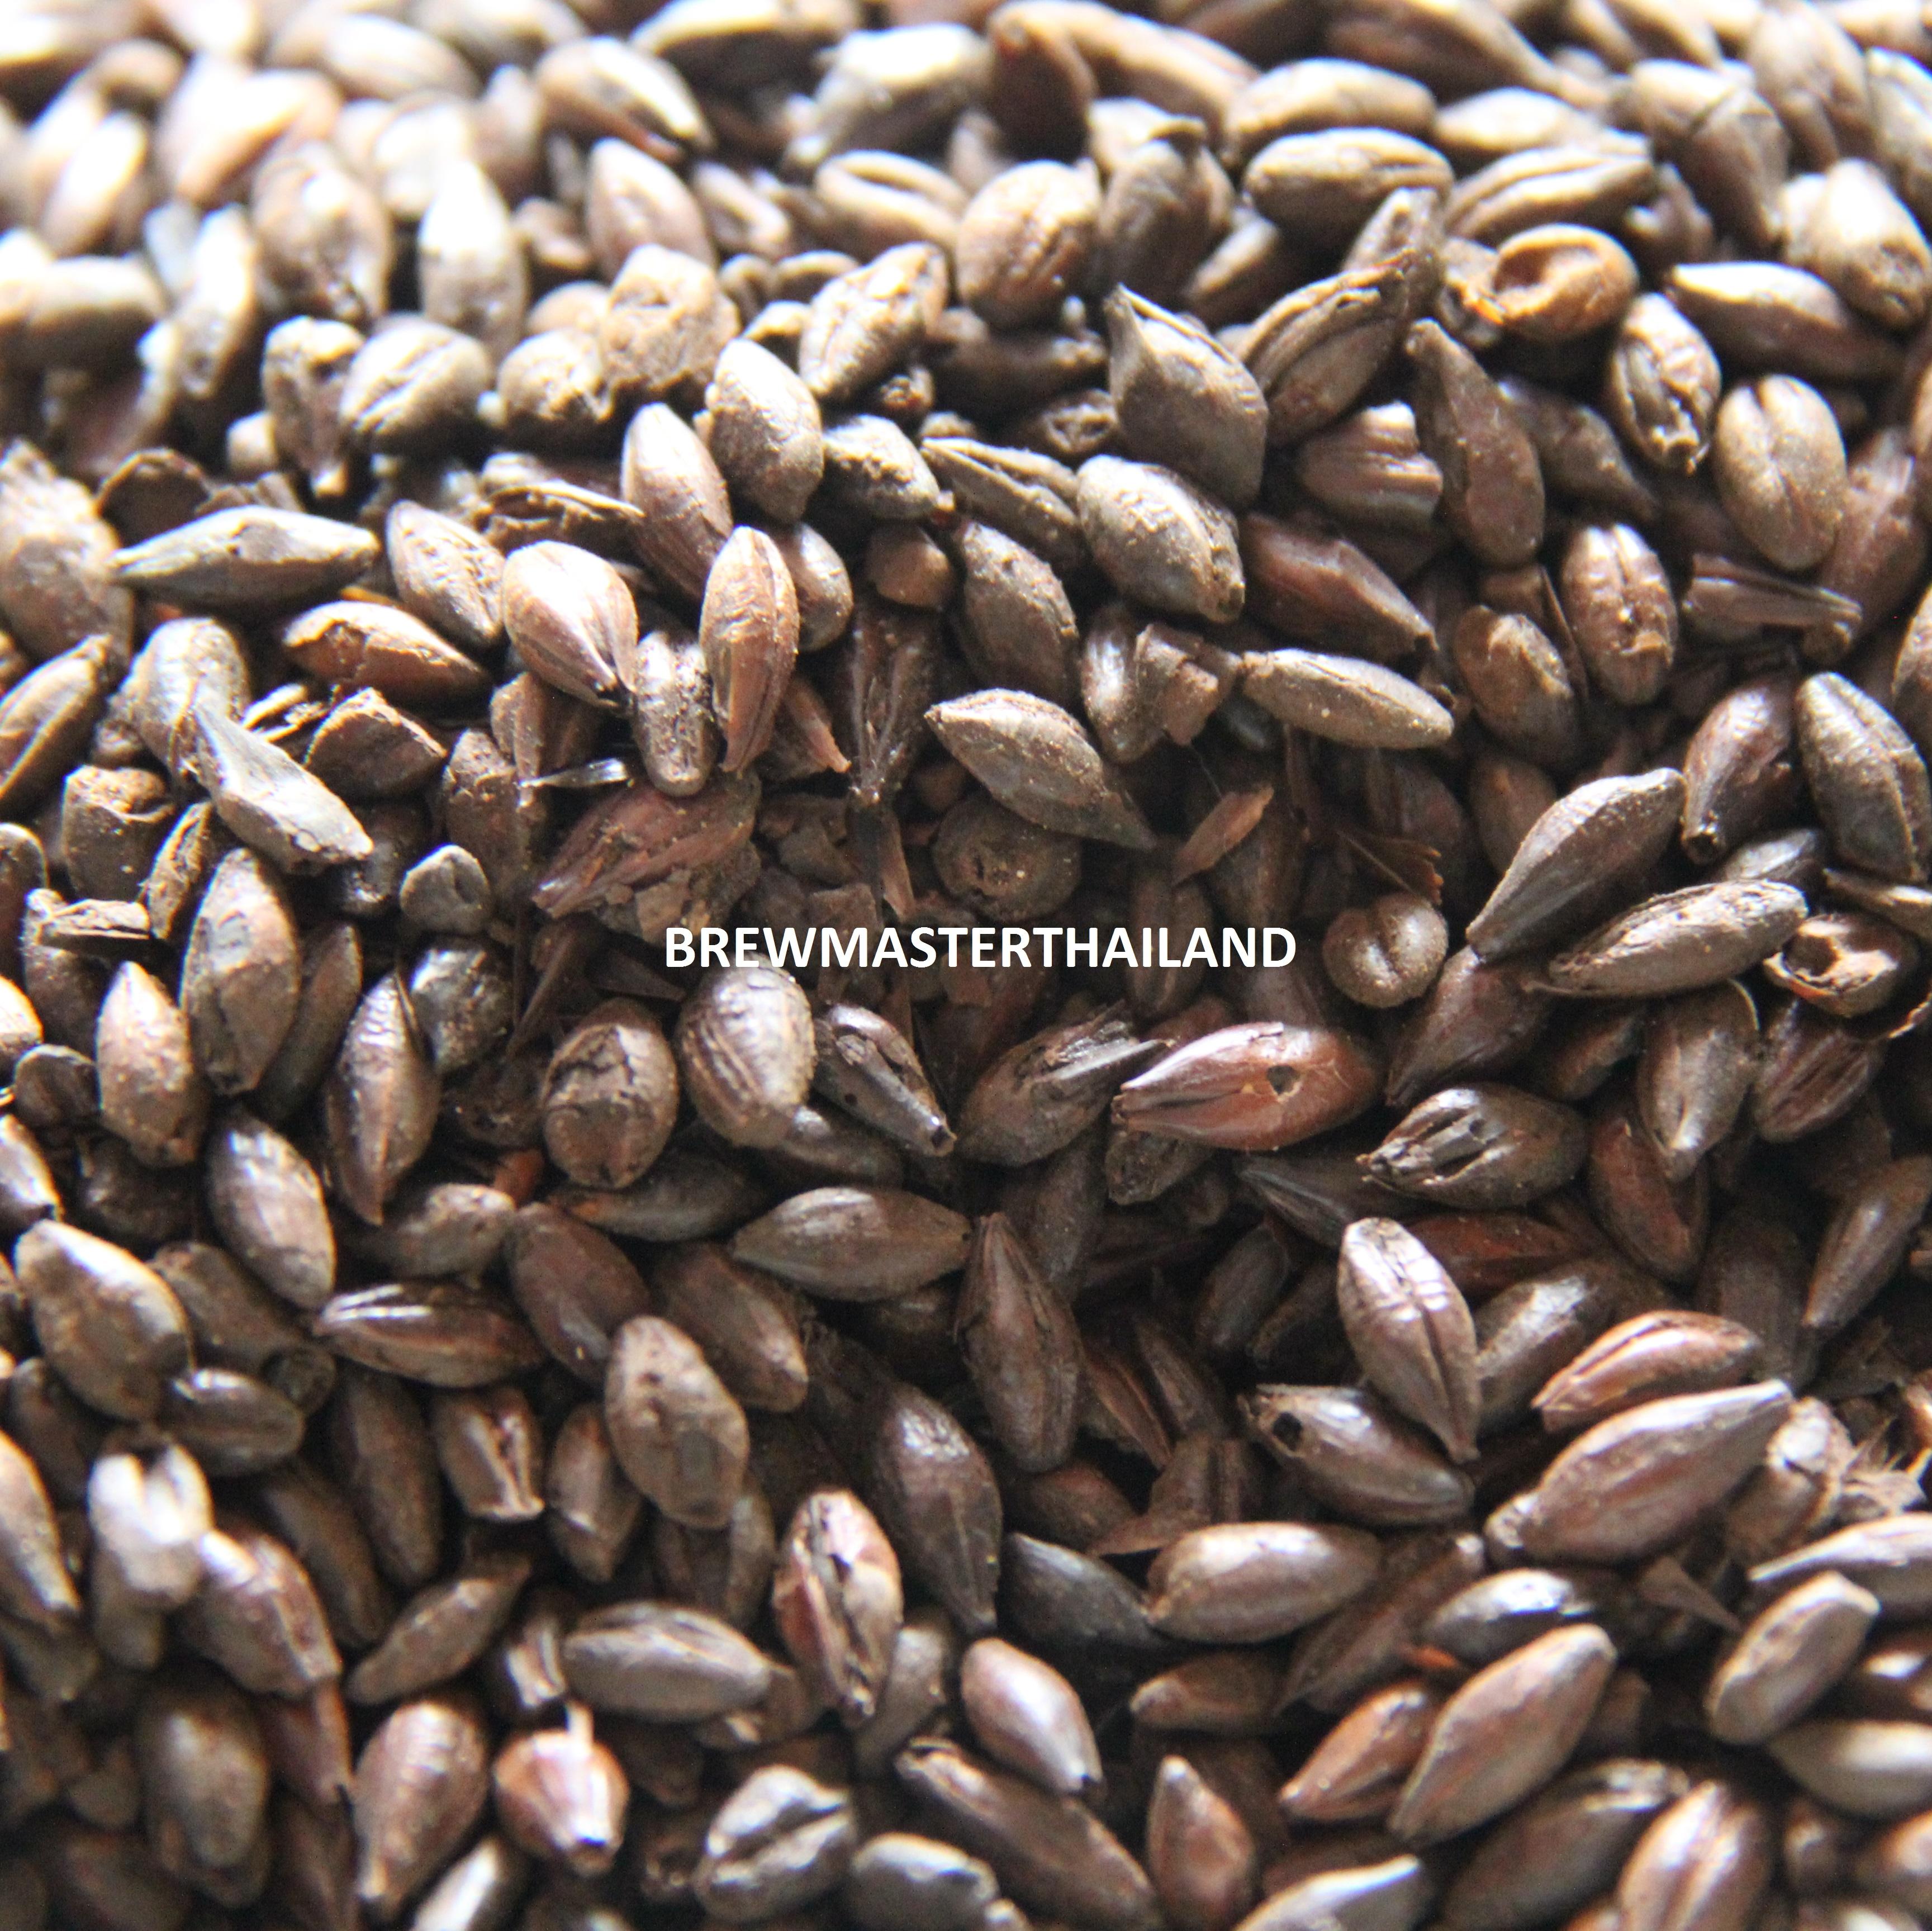 CARAFA Type I Chocolate Roasted Malt - Weyermann (1 lbs)